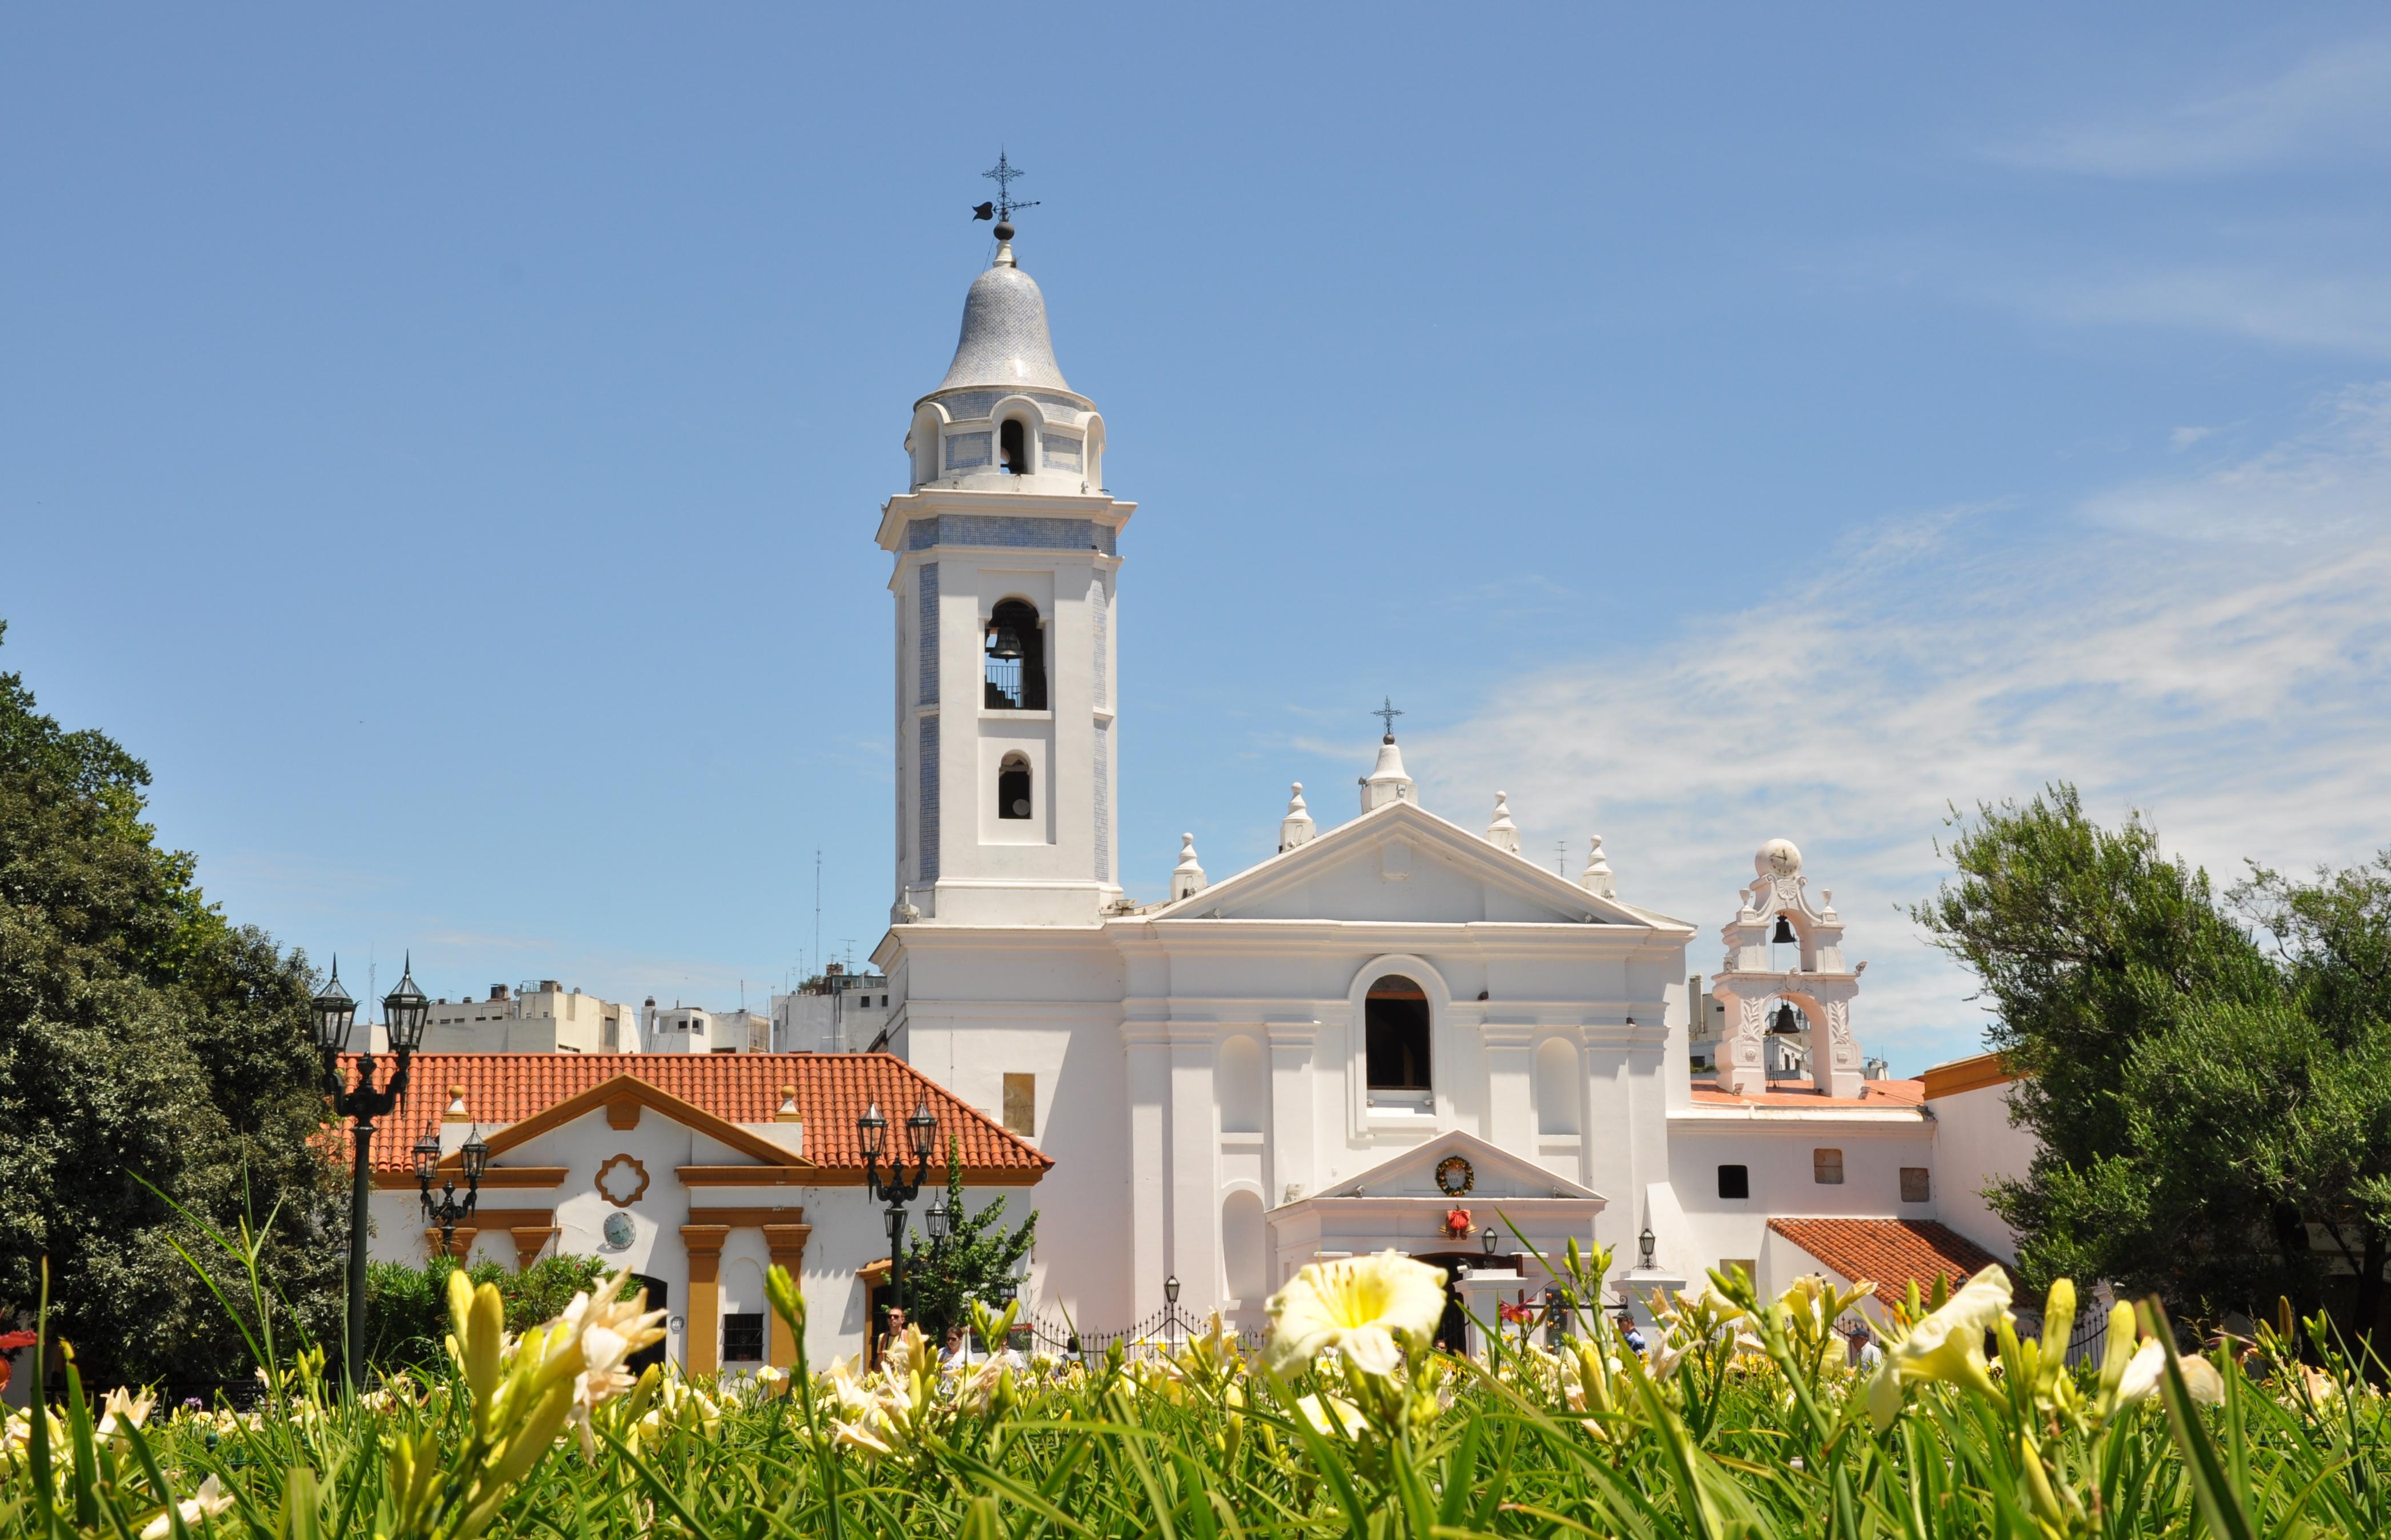 File:Basílica Nuestra Señora del Pilar (Buenos Aires).jpg - Wikimedia Commons